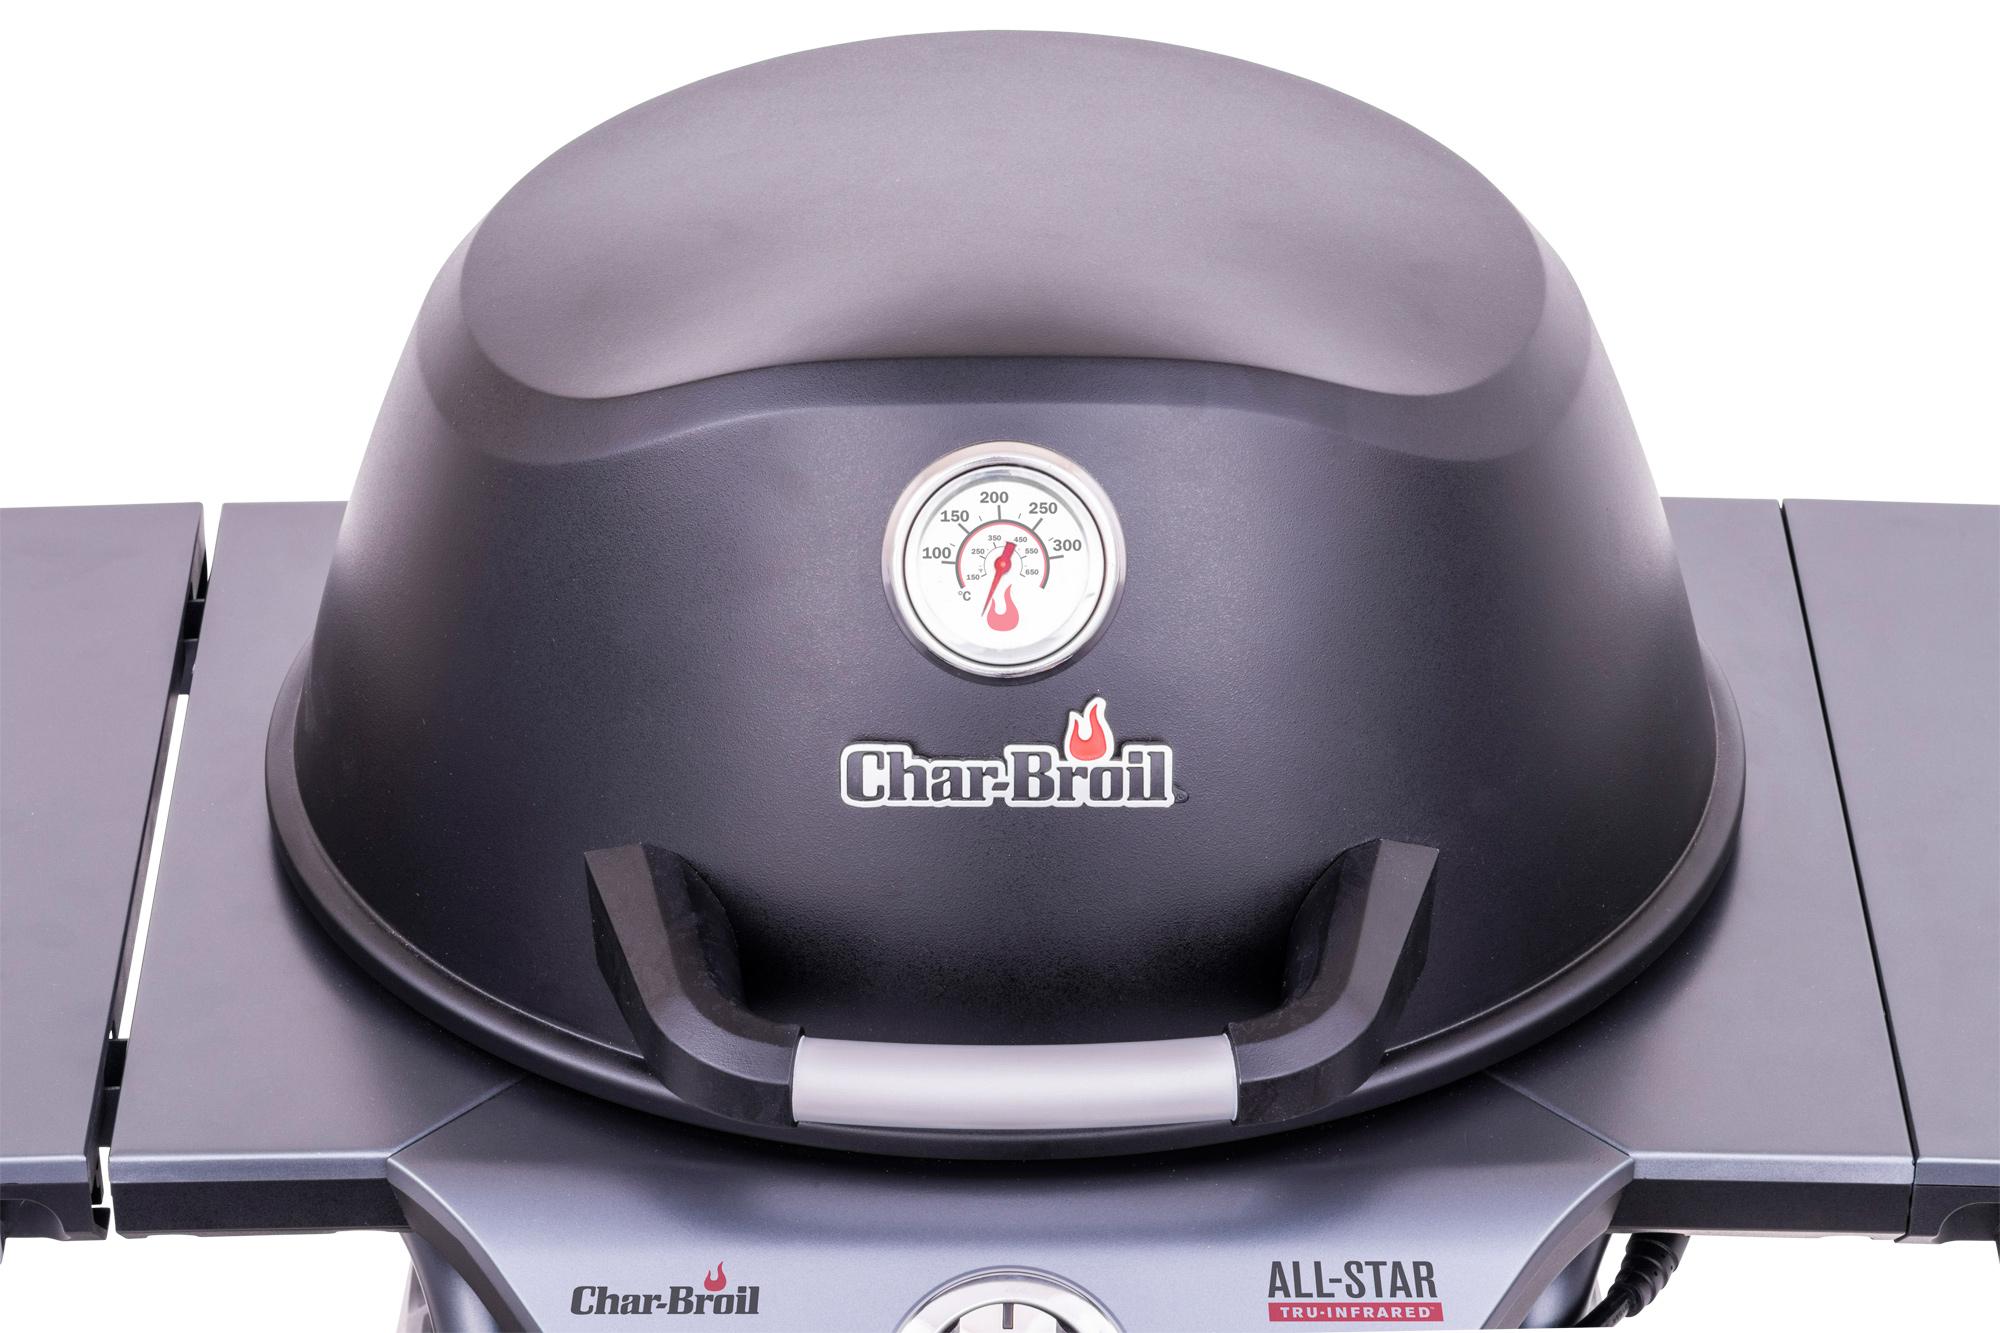 Char-Broil Gasgrill All-Star 120 B-Gas Bild 8